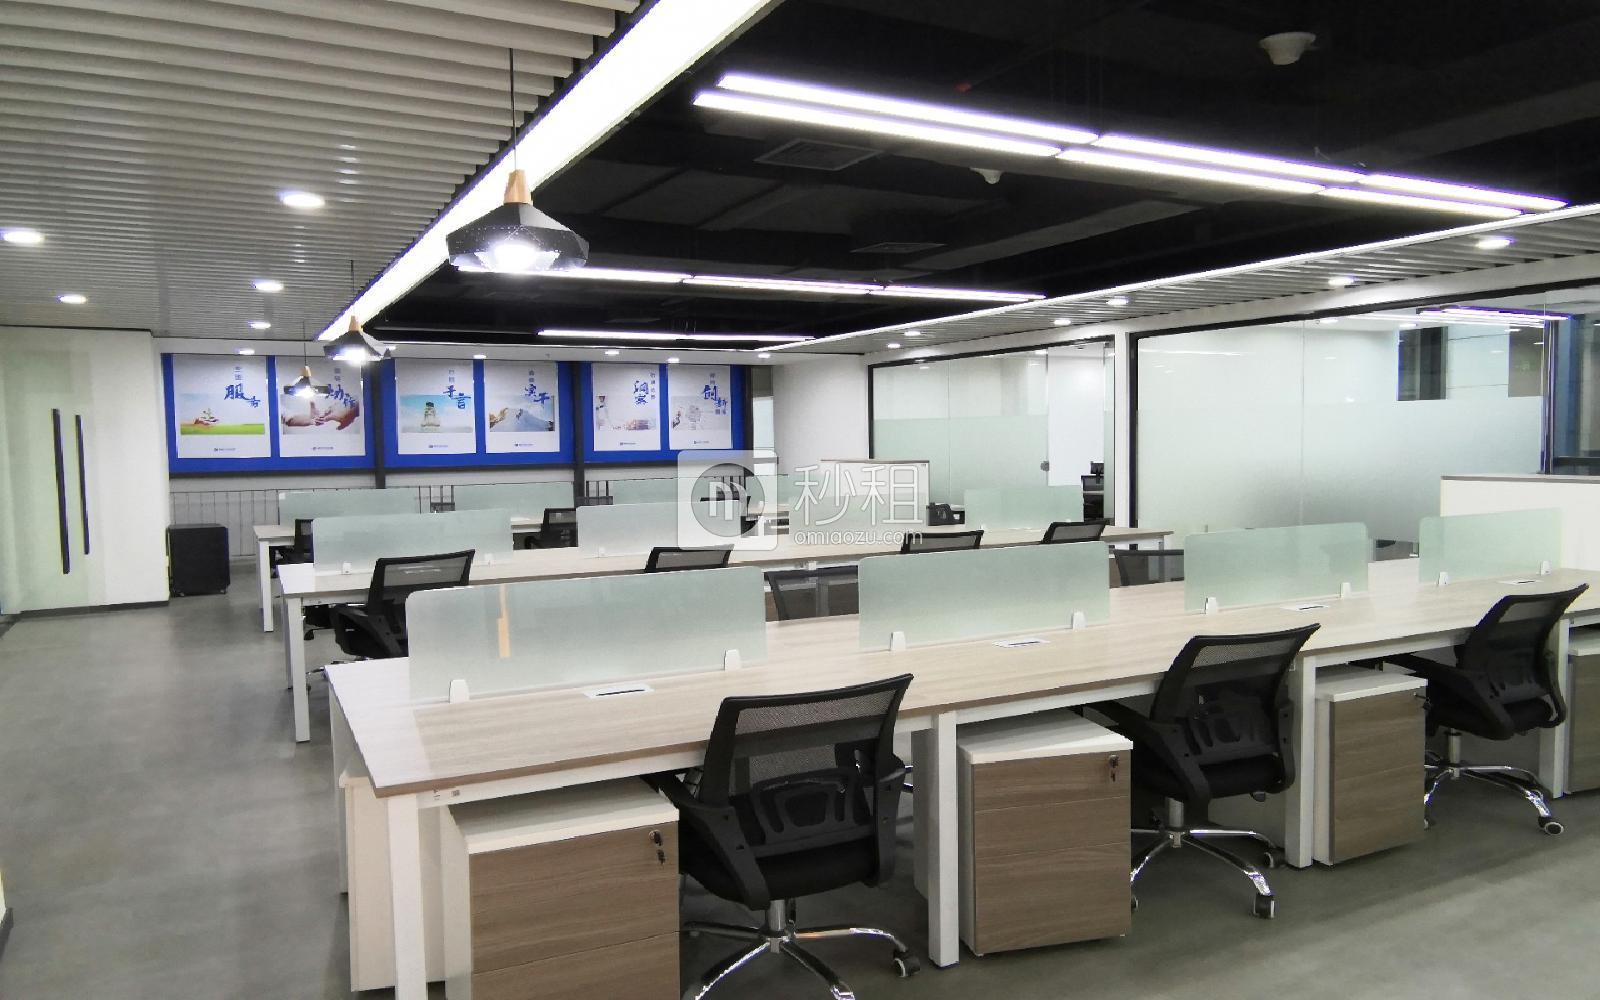 南山-科技园 深圳湾科技生态园(二期) 240m²